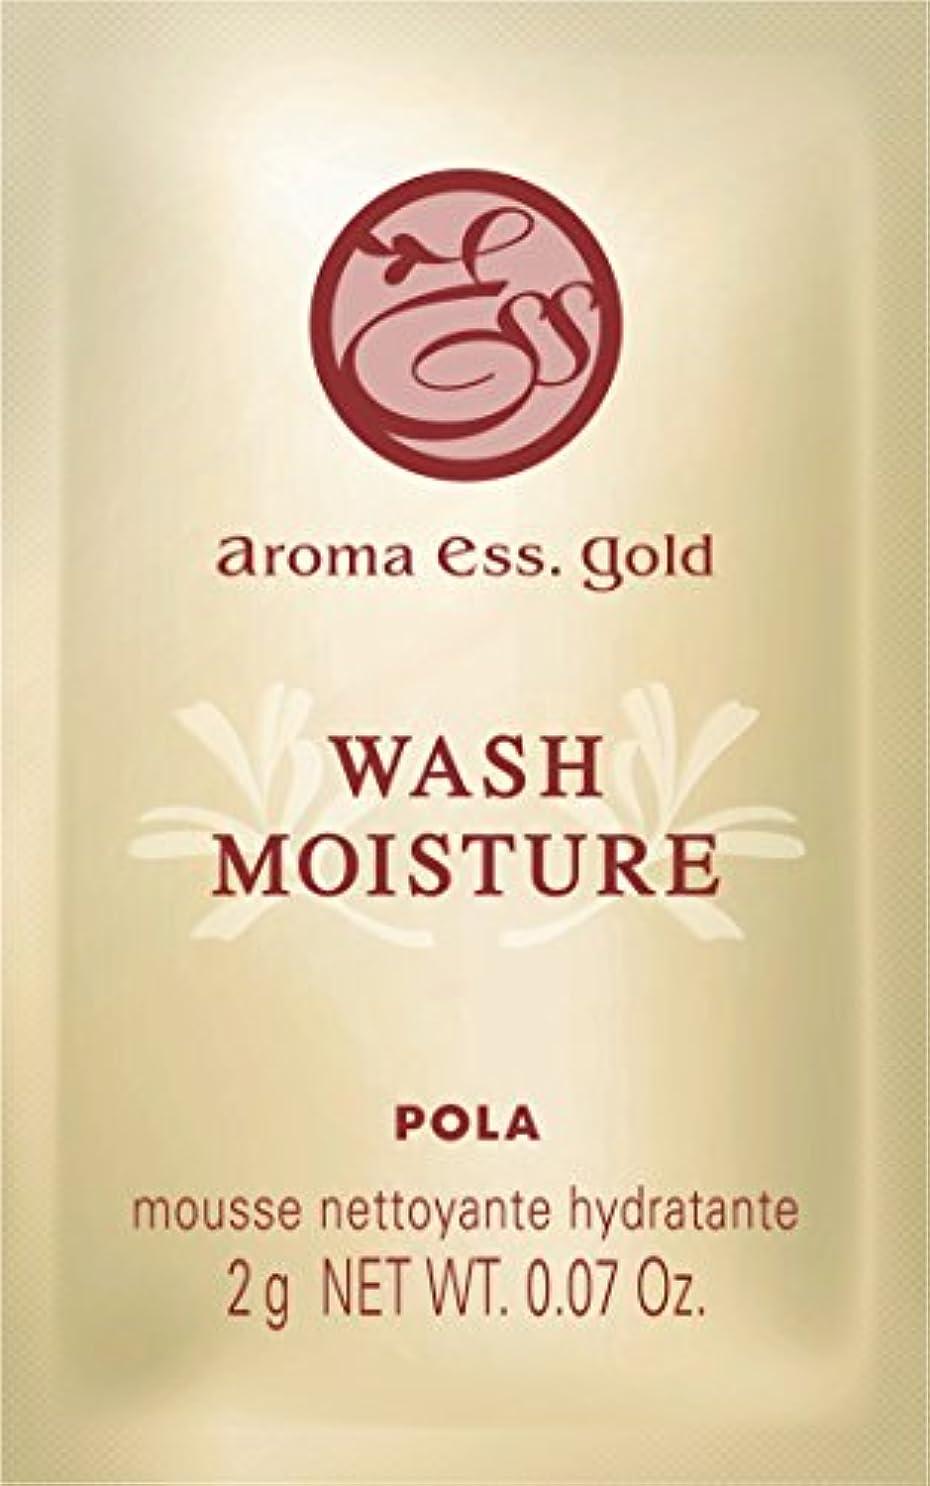 カーテン豊かな連鎖POLA アロマエッセゴールド ウォッシュモイスチャー 洗顔料 個包装タイプ 2g×100包